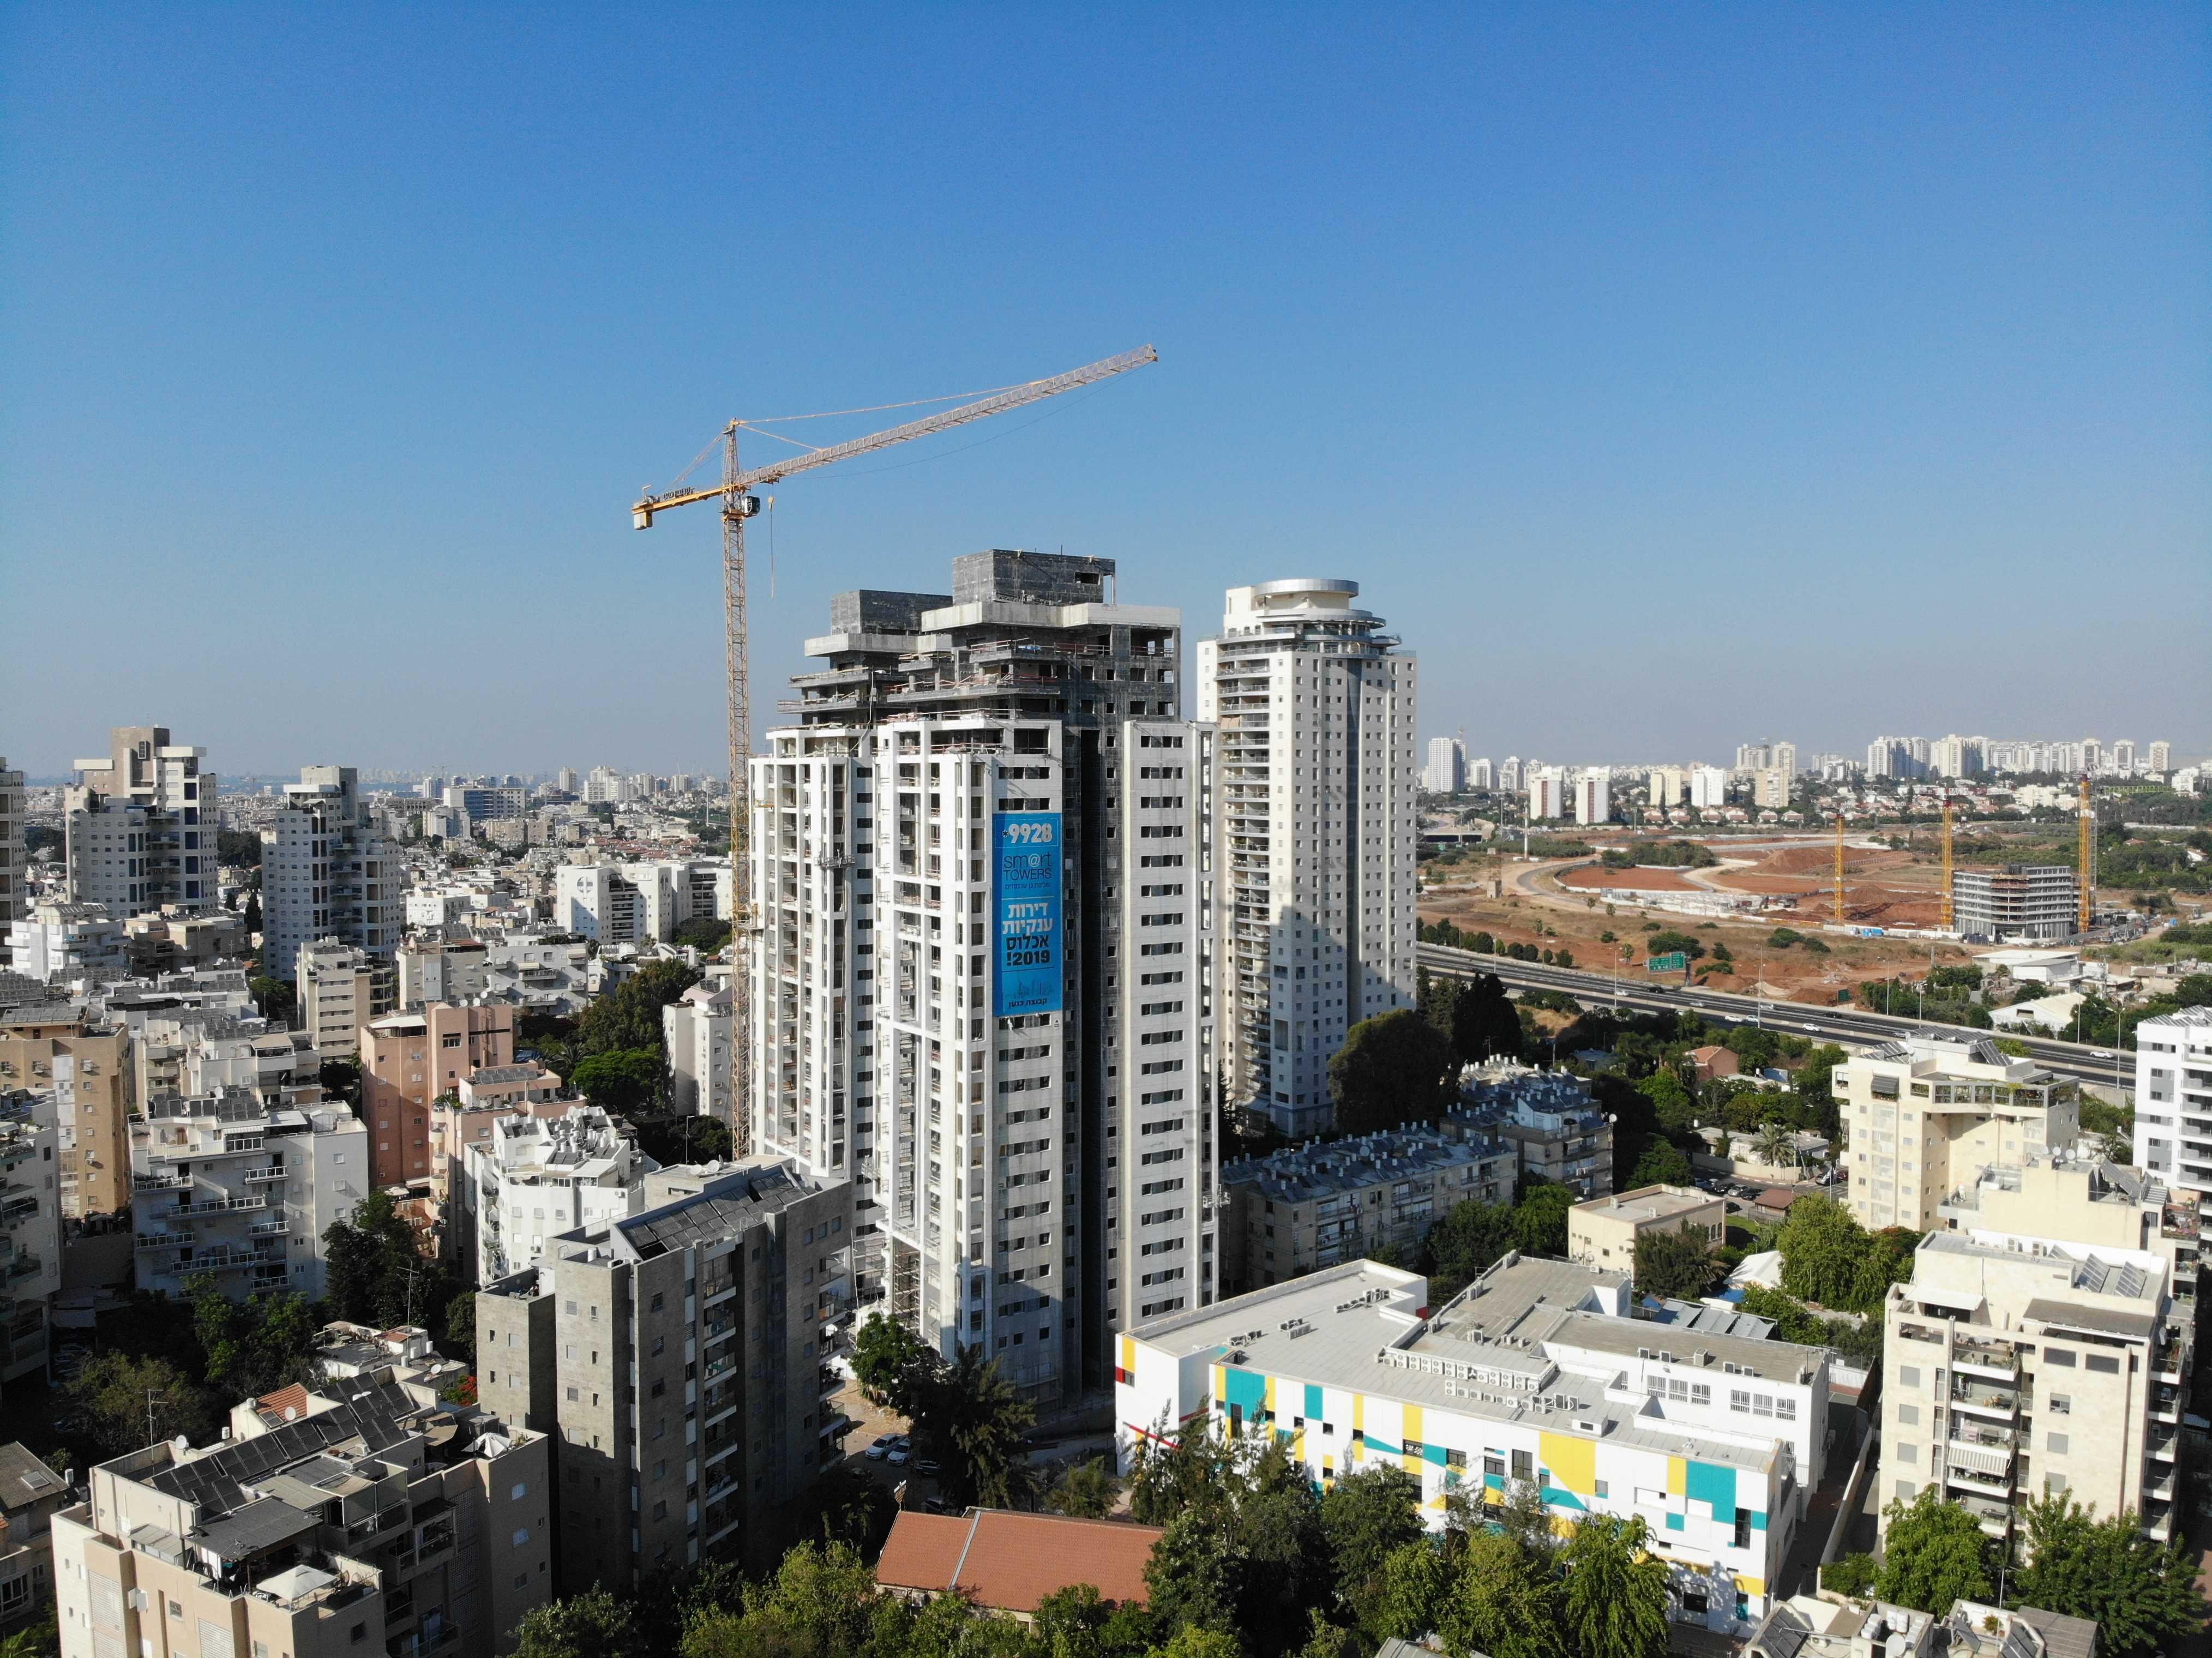 מתחם התחדשות עירונית במחוז תל אביב